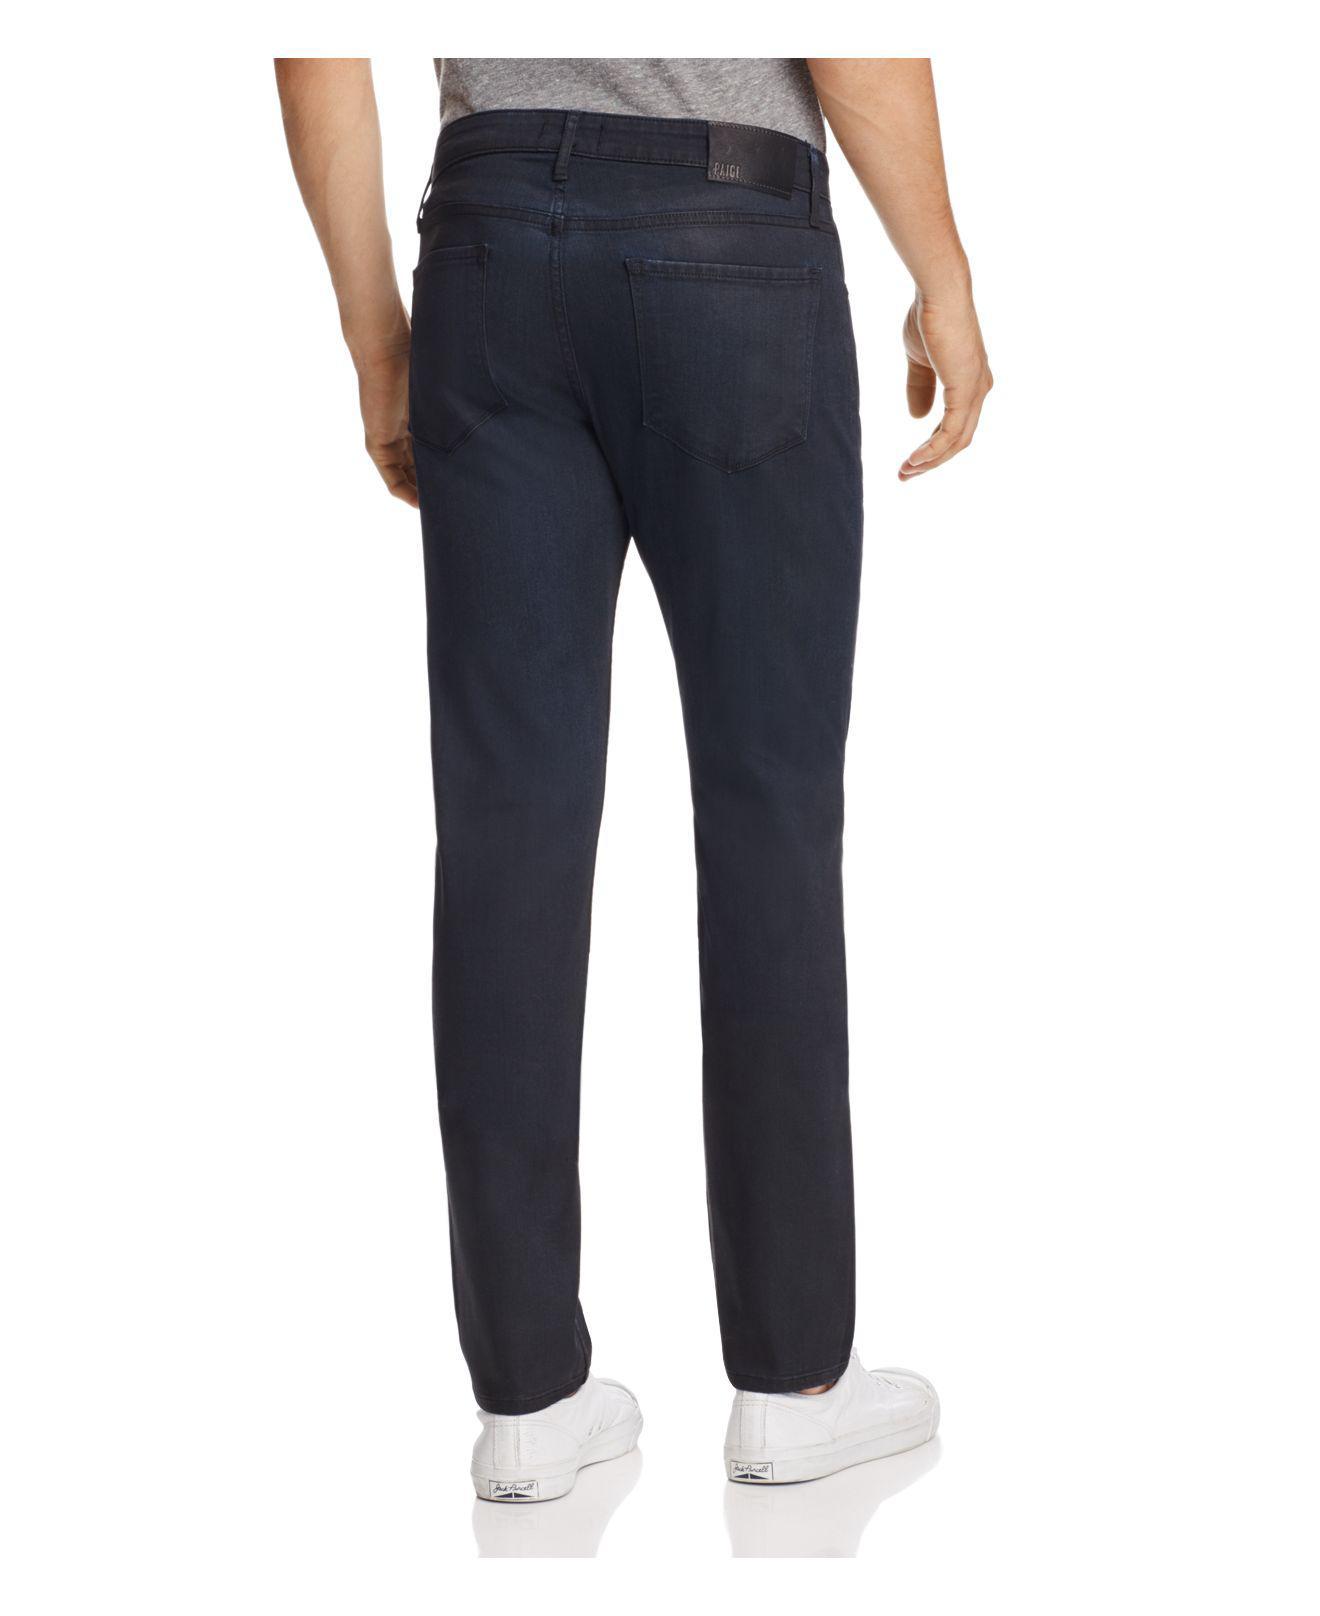 PAIGE Denim Lennox Skinny Fit Jeans In Rowan in Blue for Men